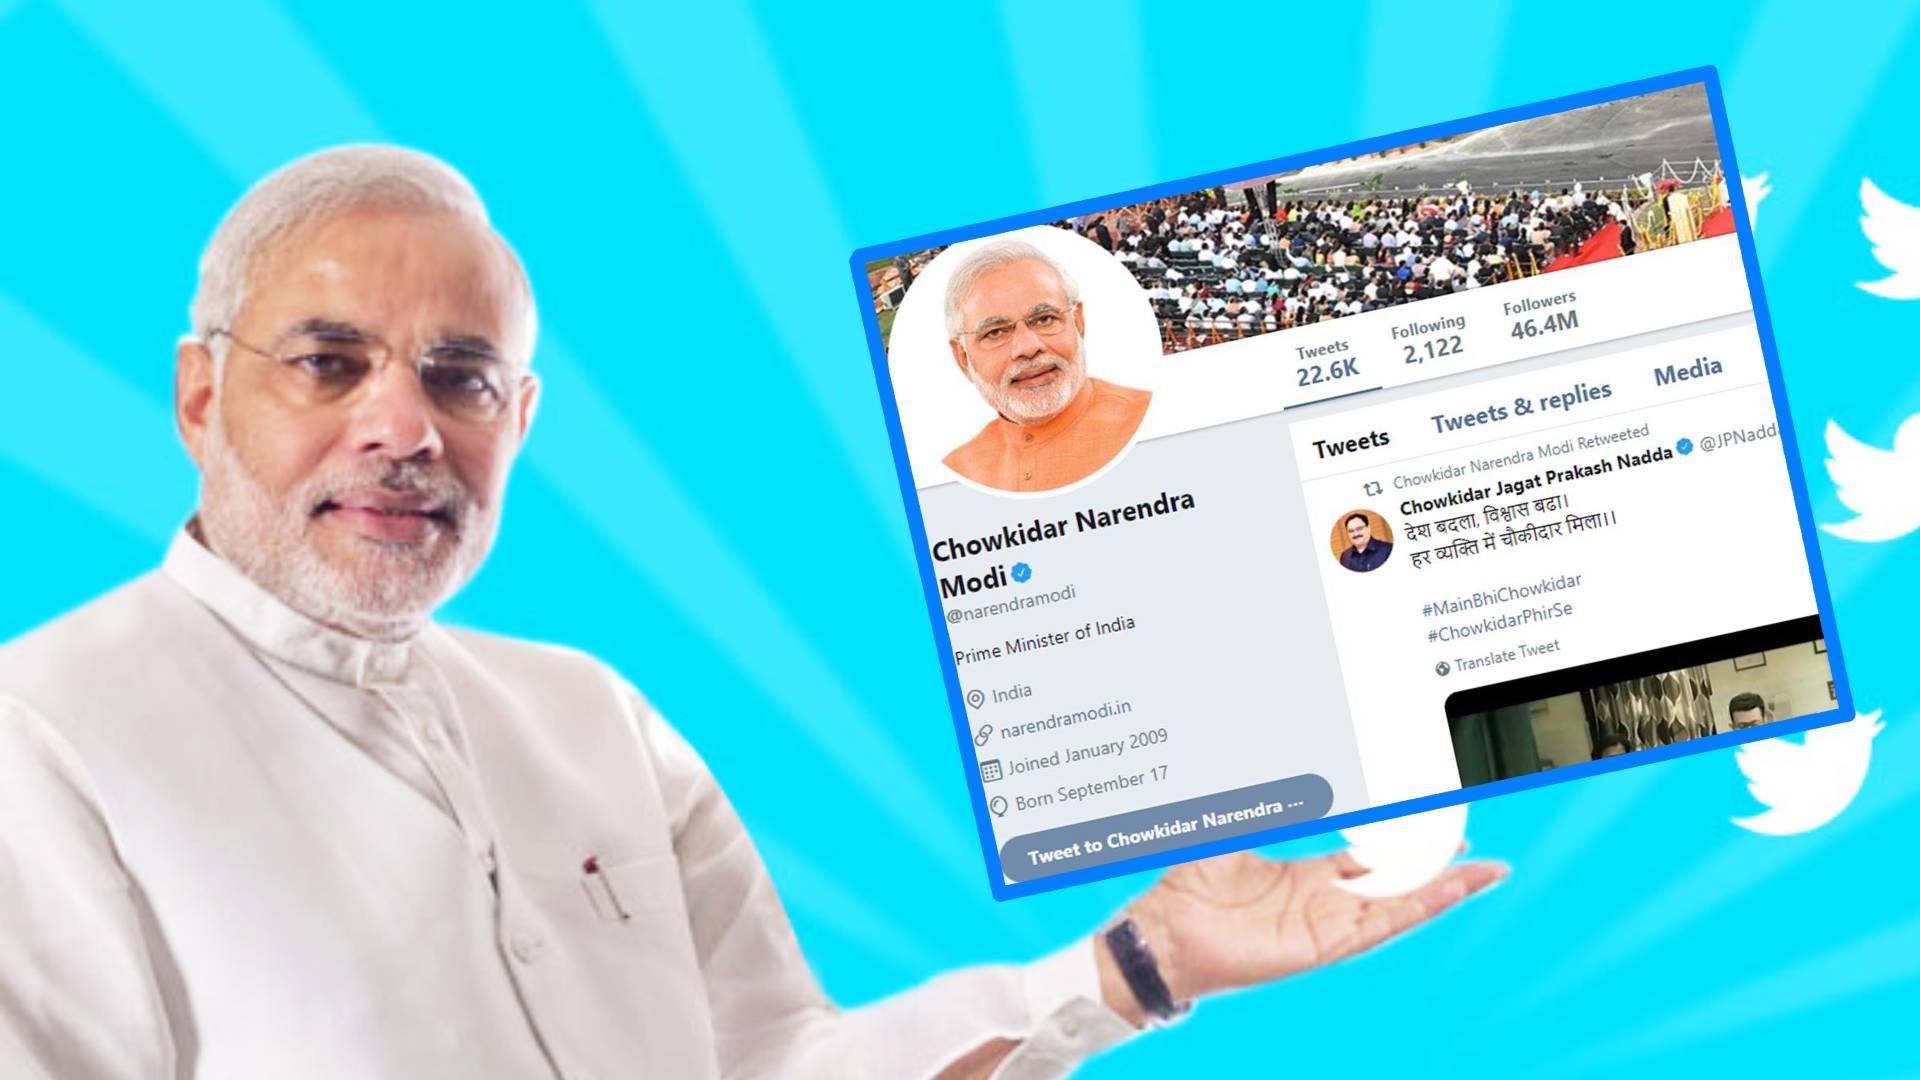 PM मोदी ने दिनेश लाल यादव को ट्विटर पर किया फॉलो, तो खुशी से गदगद हो उठे भोजपुरी एक्टर निरहुआ